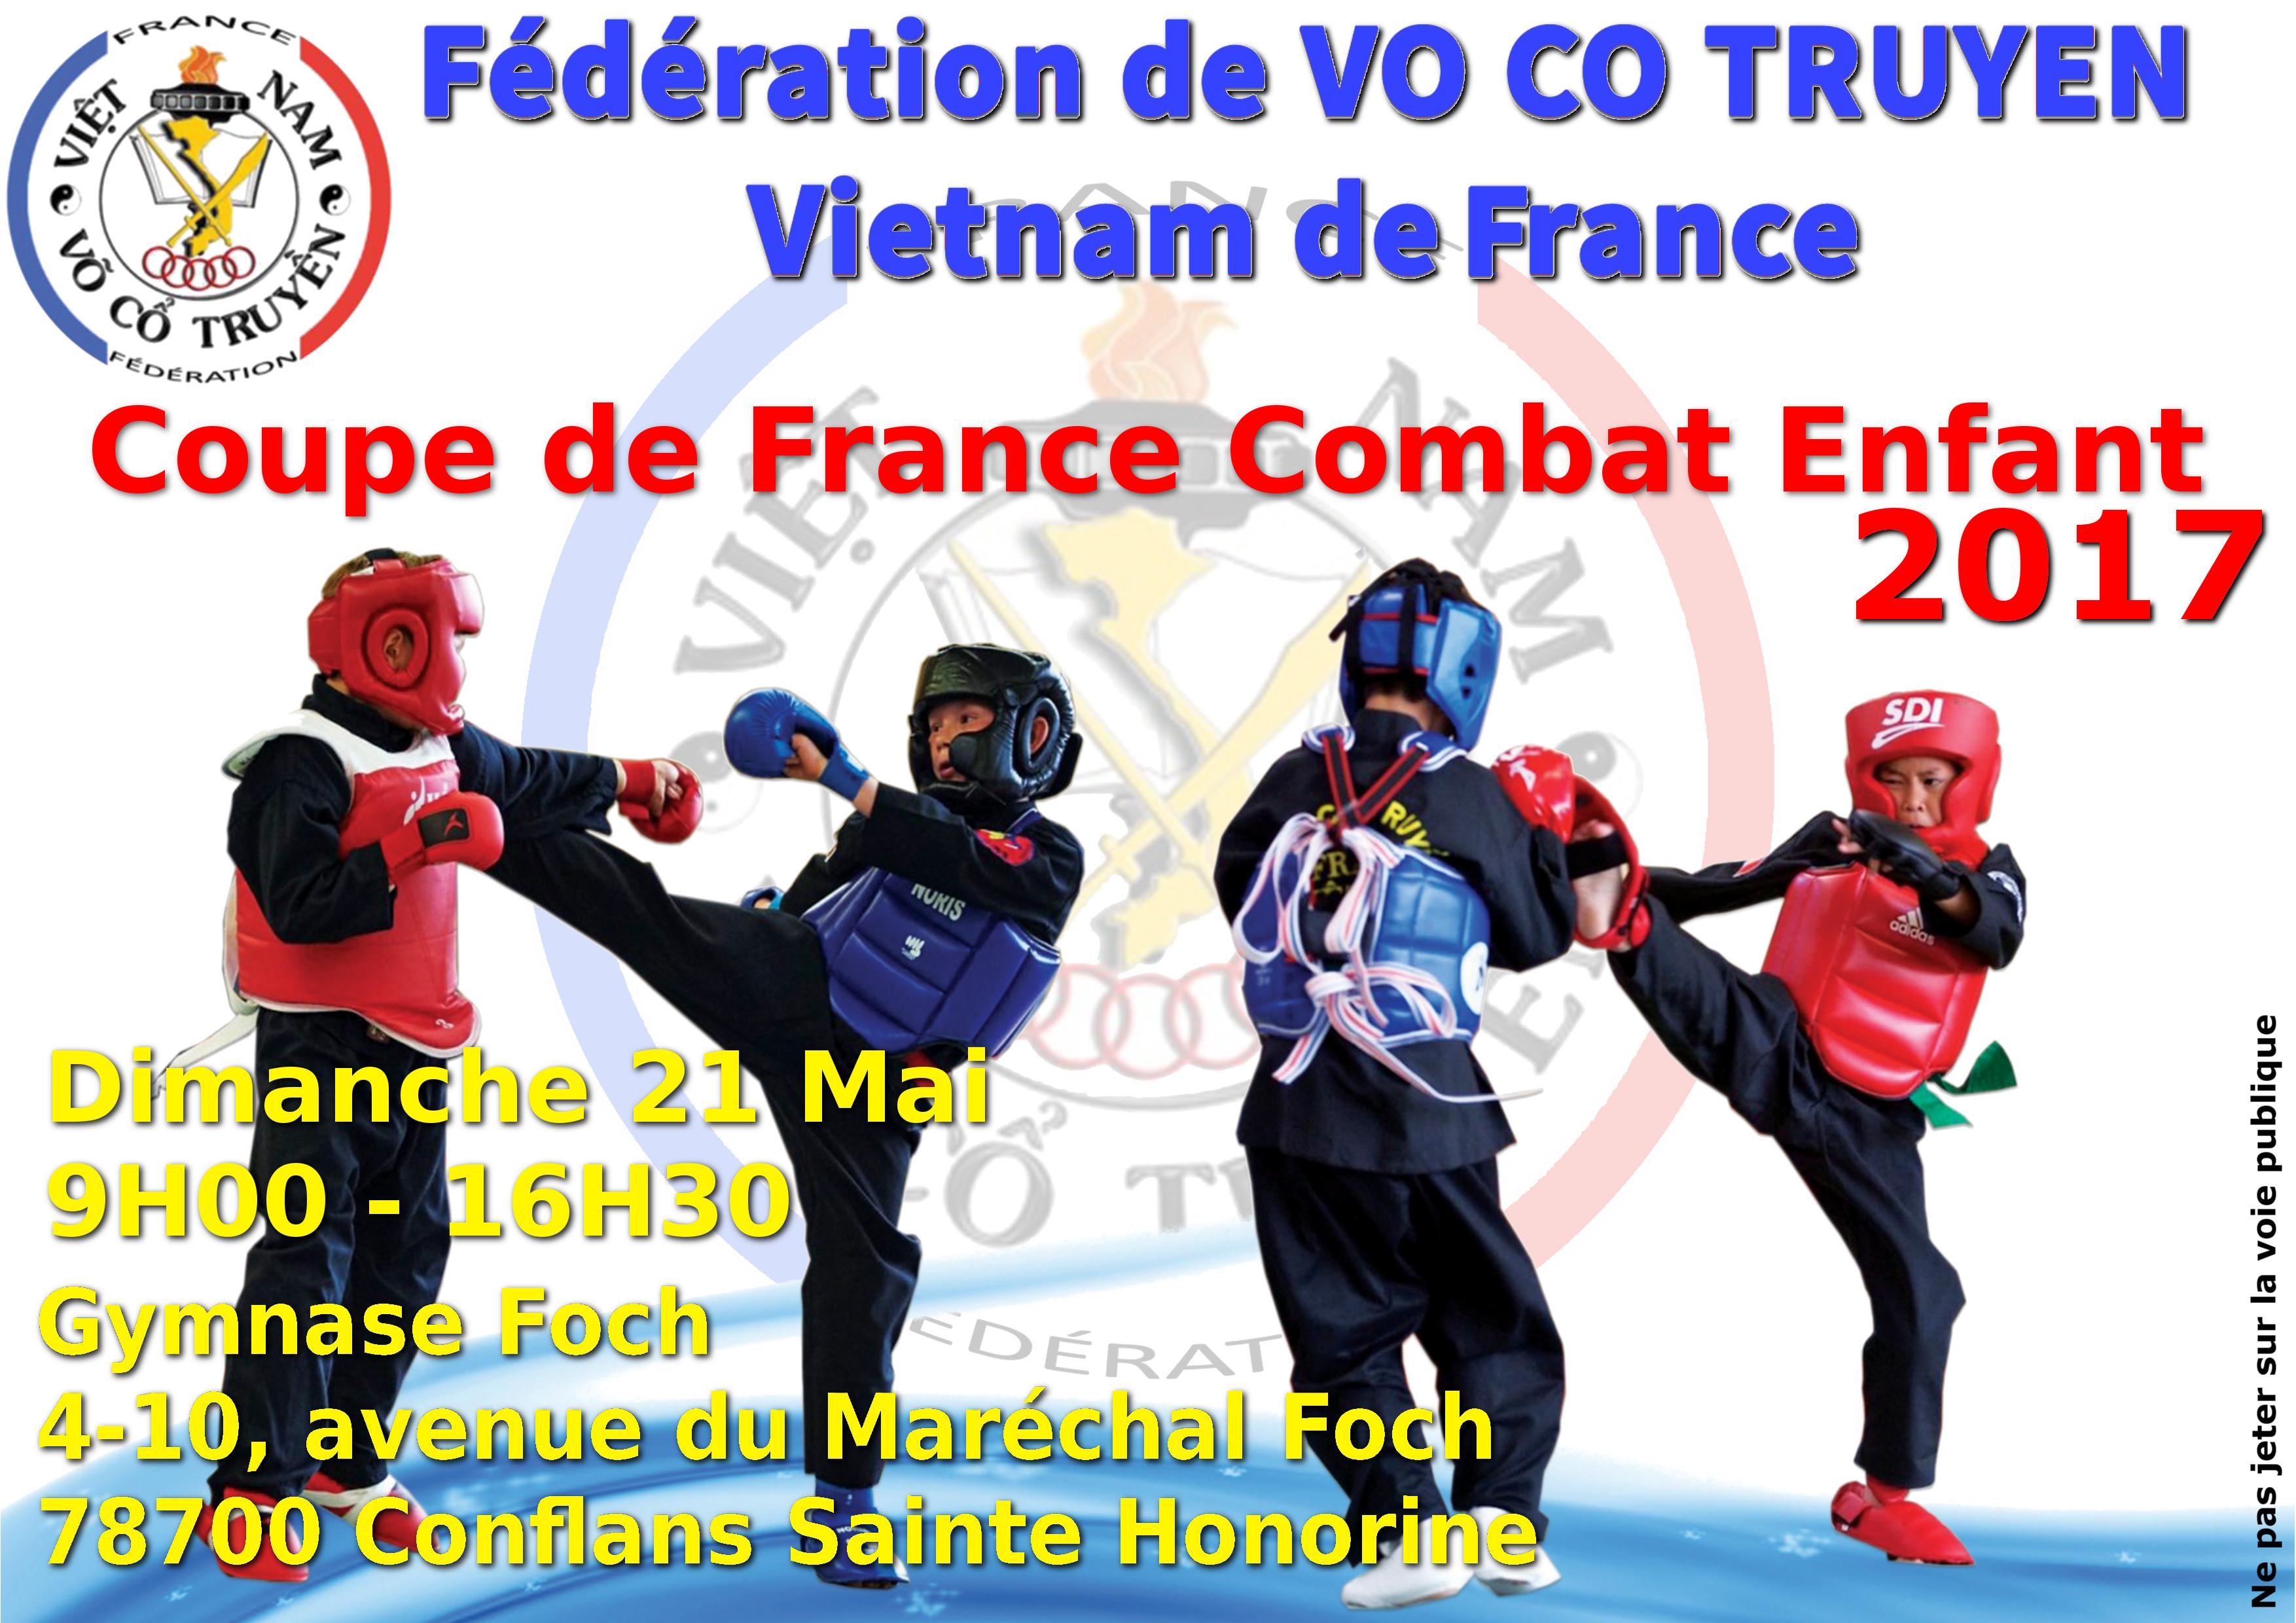 Coupe de France Enfants Combat 21-05-2017